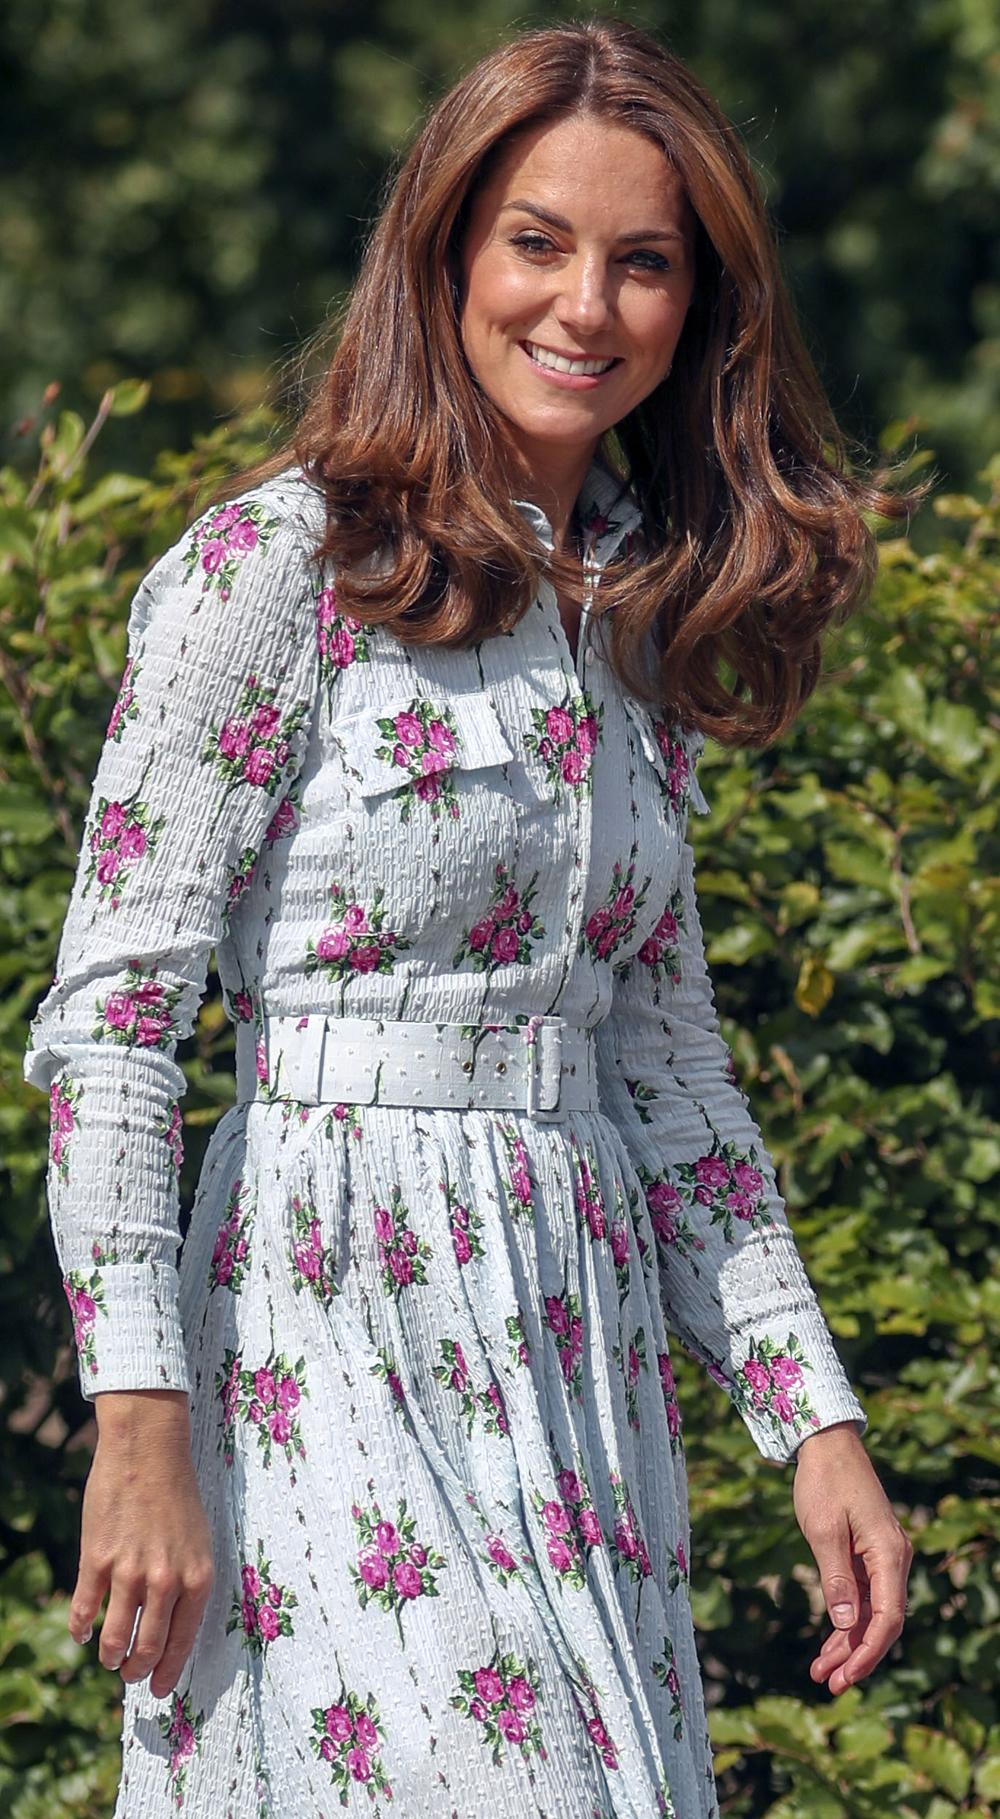 Kate Middleton floral dress